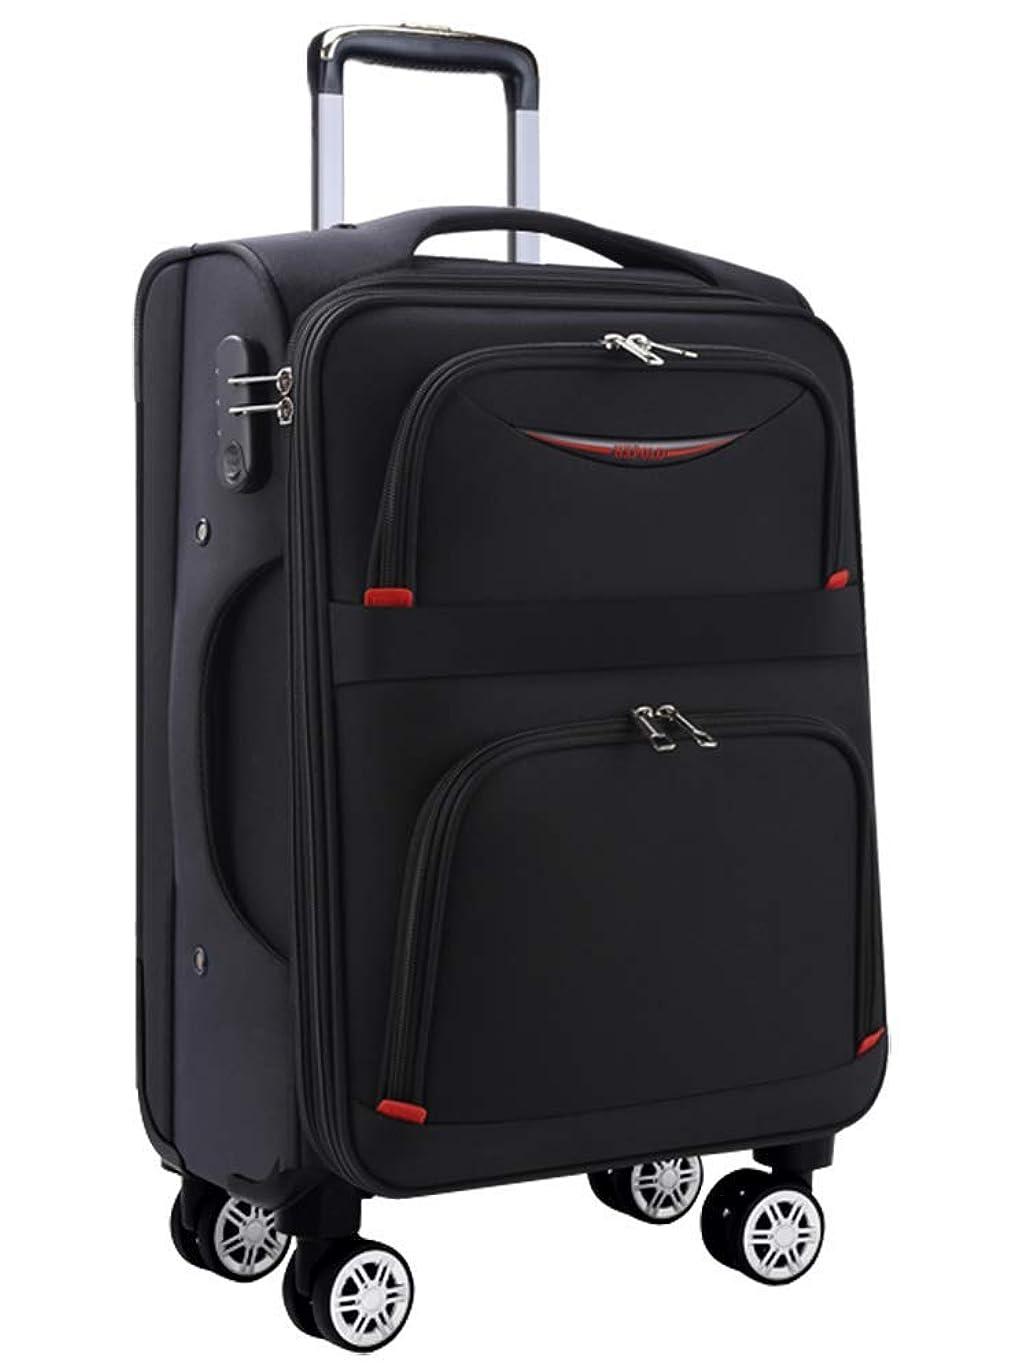 上昇寄稿者誘うOsonm ビジネスバッグスーツケースソフトキャリーバッグ機内持込 大型預け入れスーツケース キャスター613SD